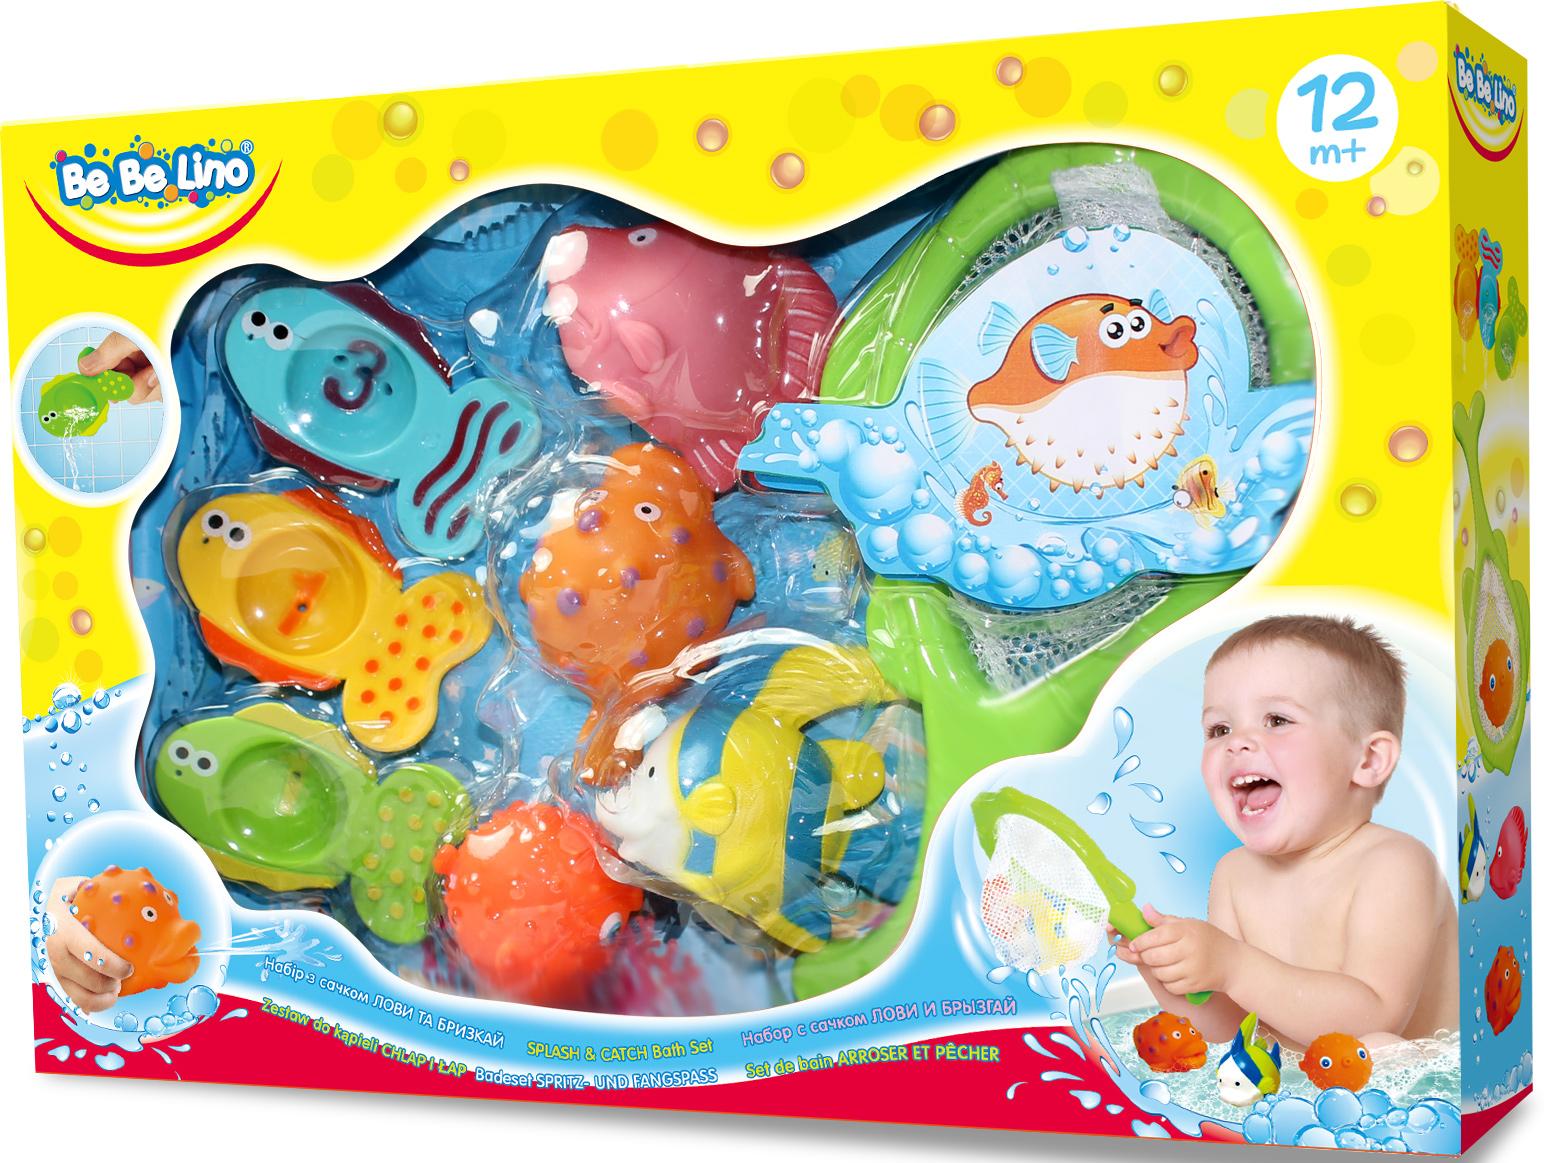 Купить Набор для ванной с сачком 'Лови и Брызгай' BeBeLino (57113)